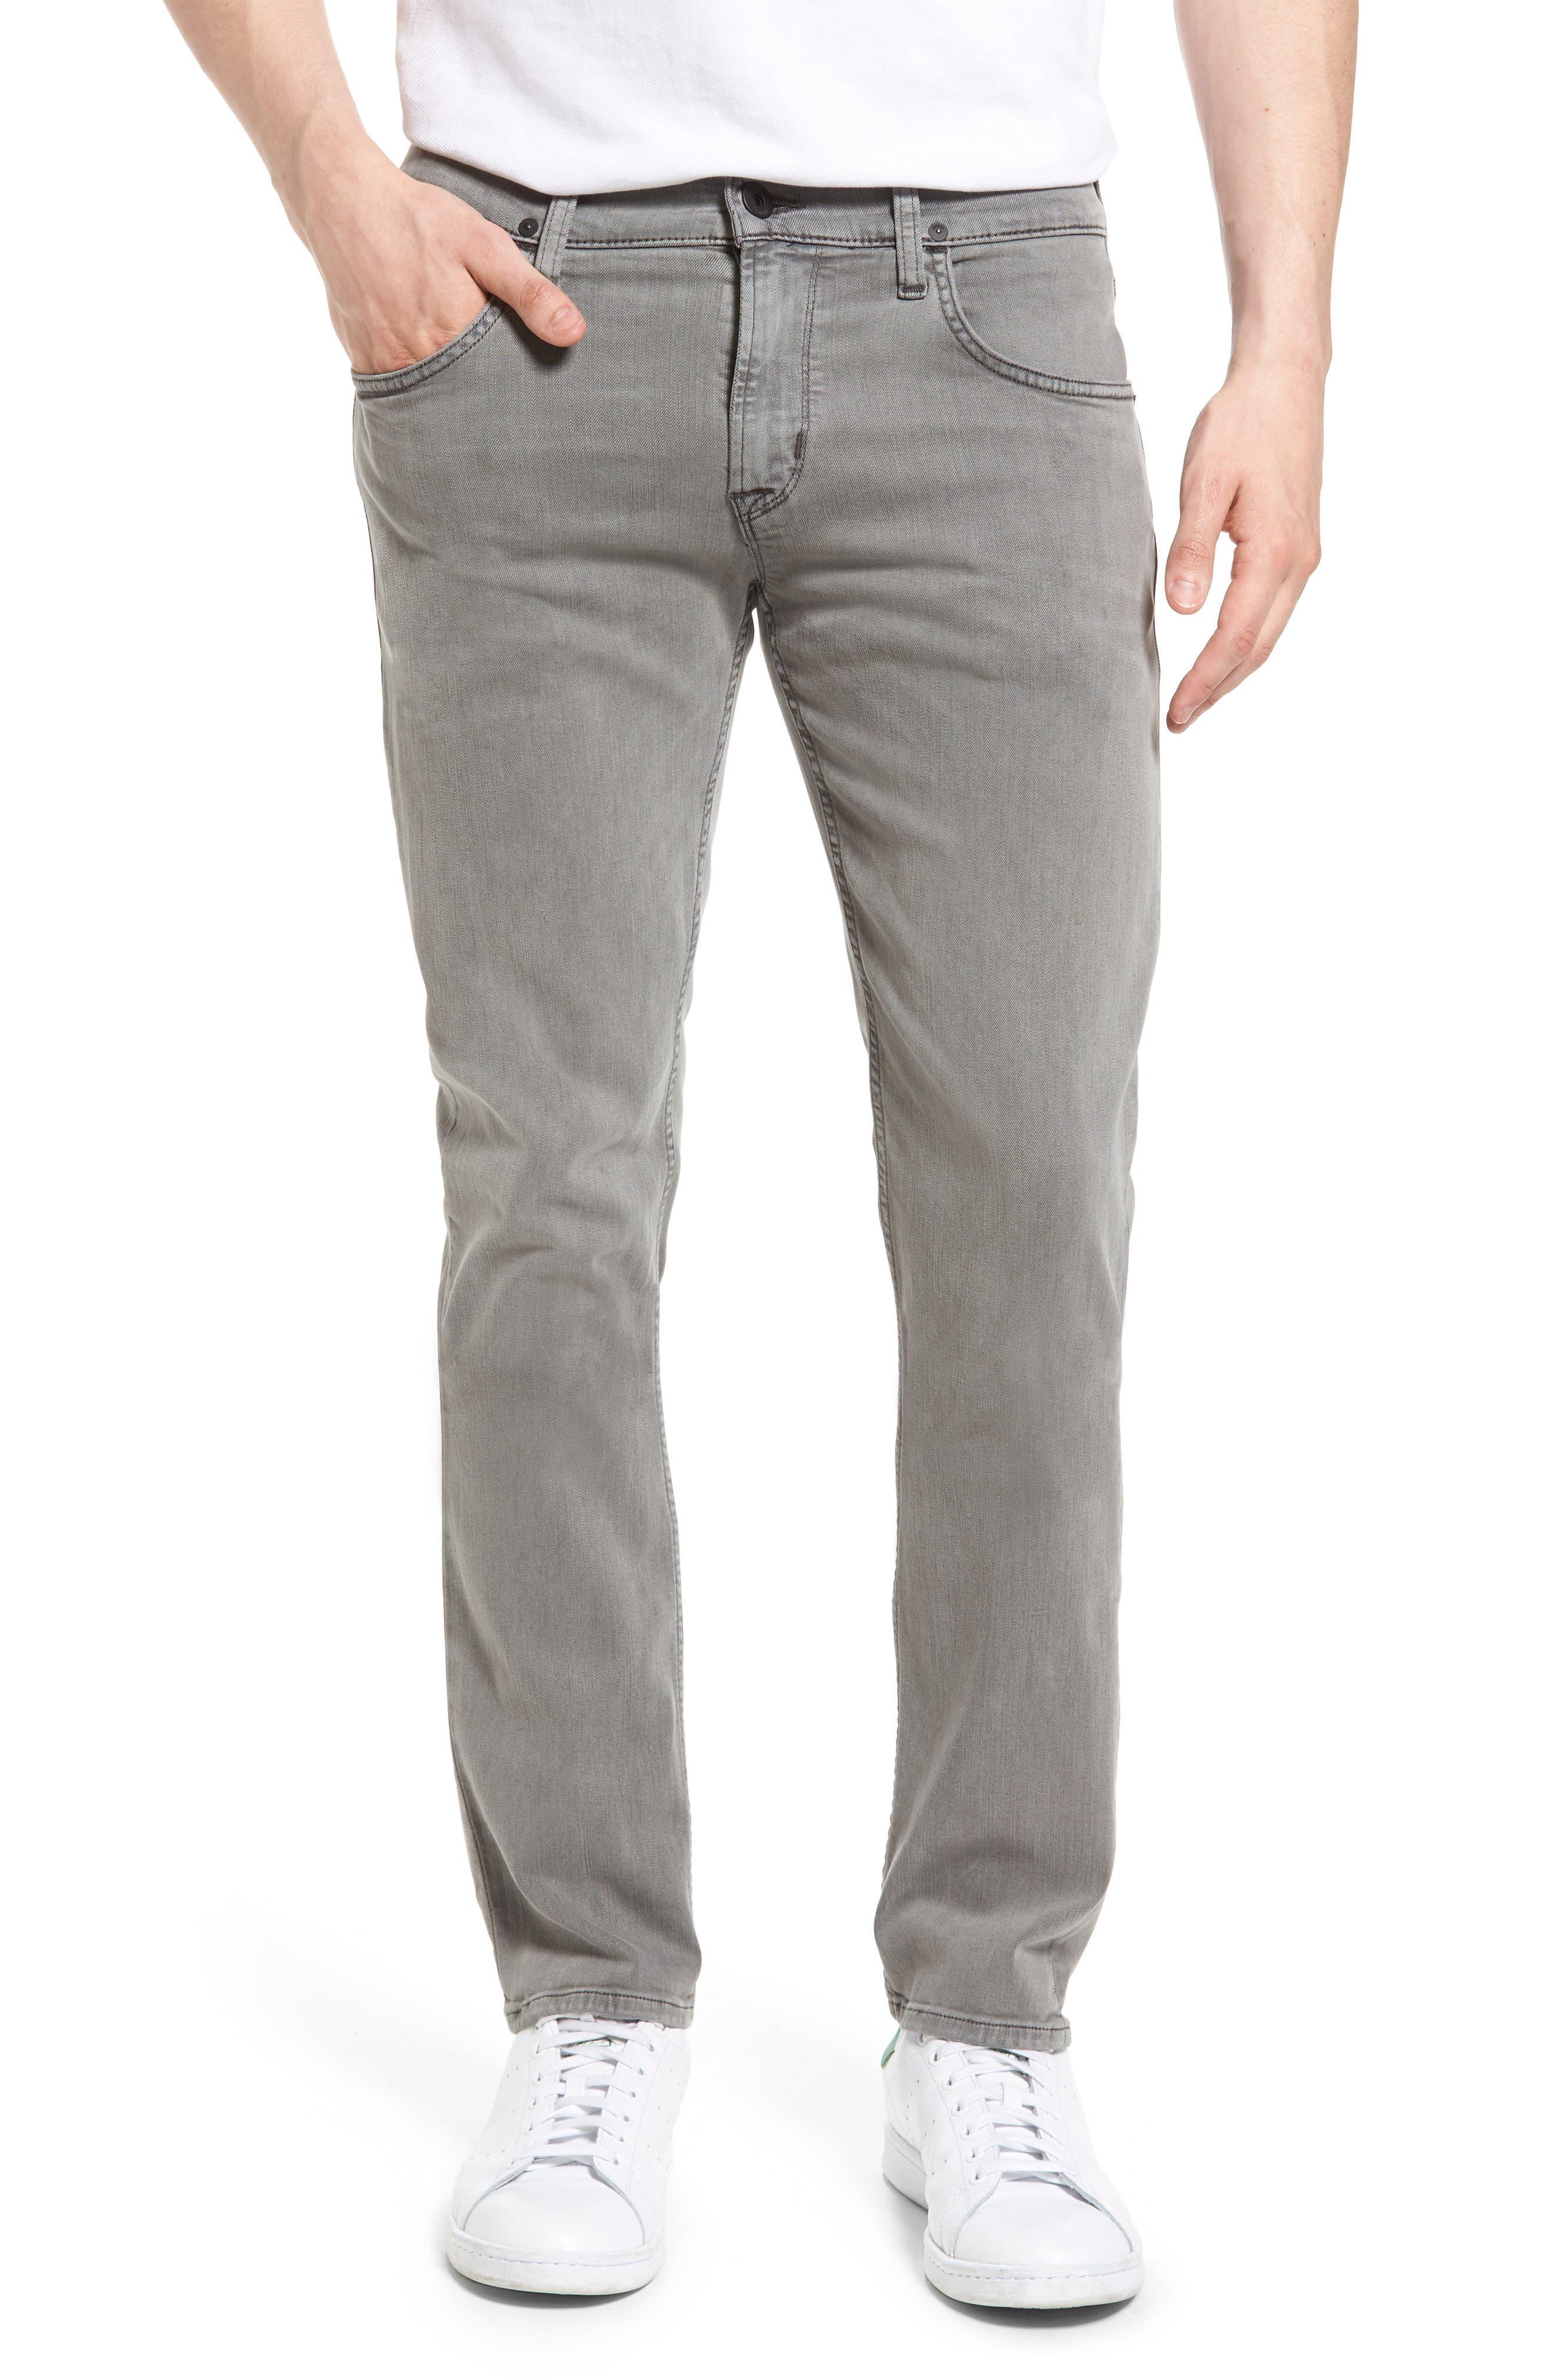 Blake Slim Fit Jeans,                         Main,                         color, 023